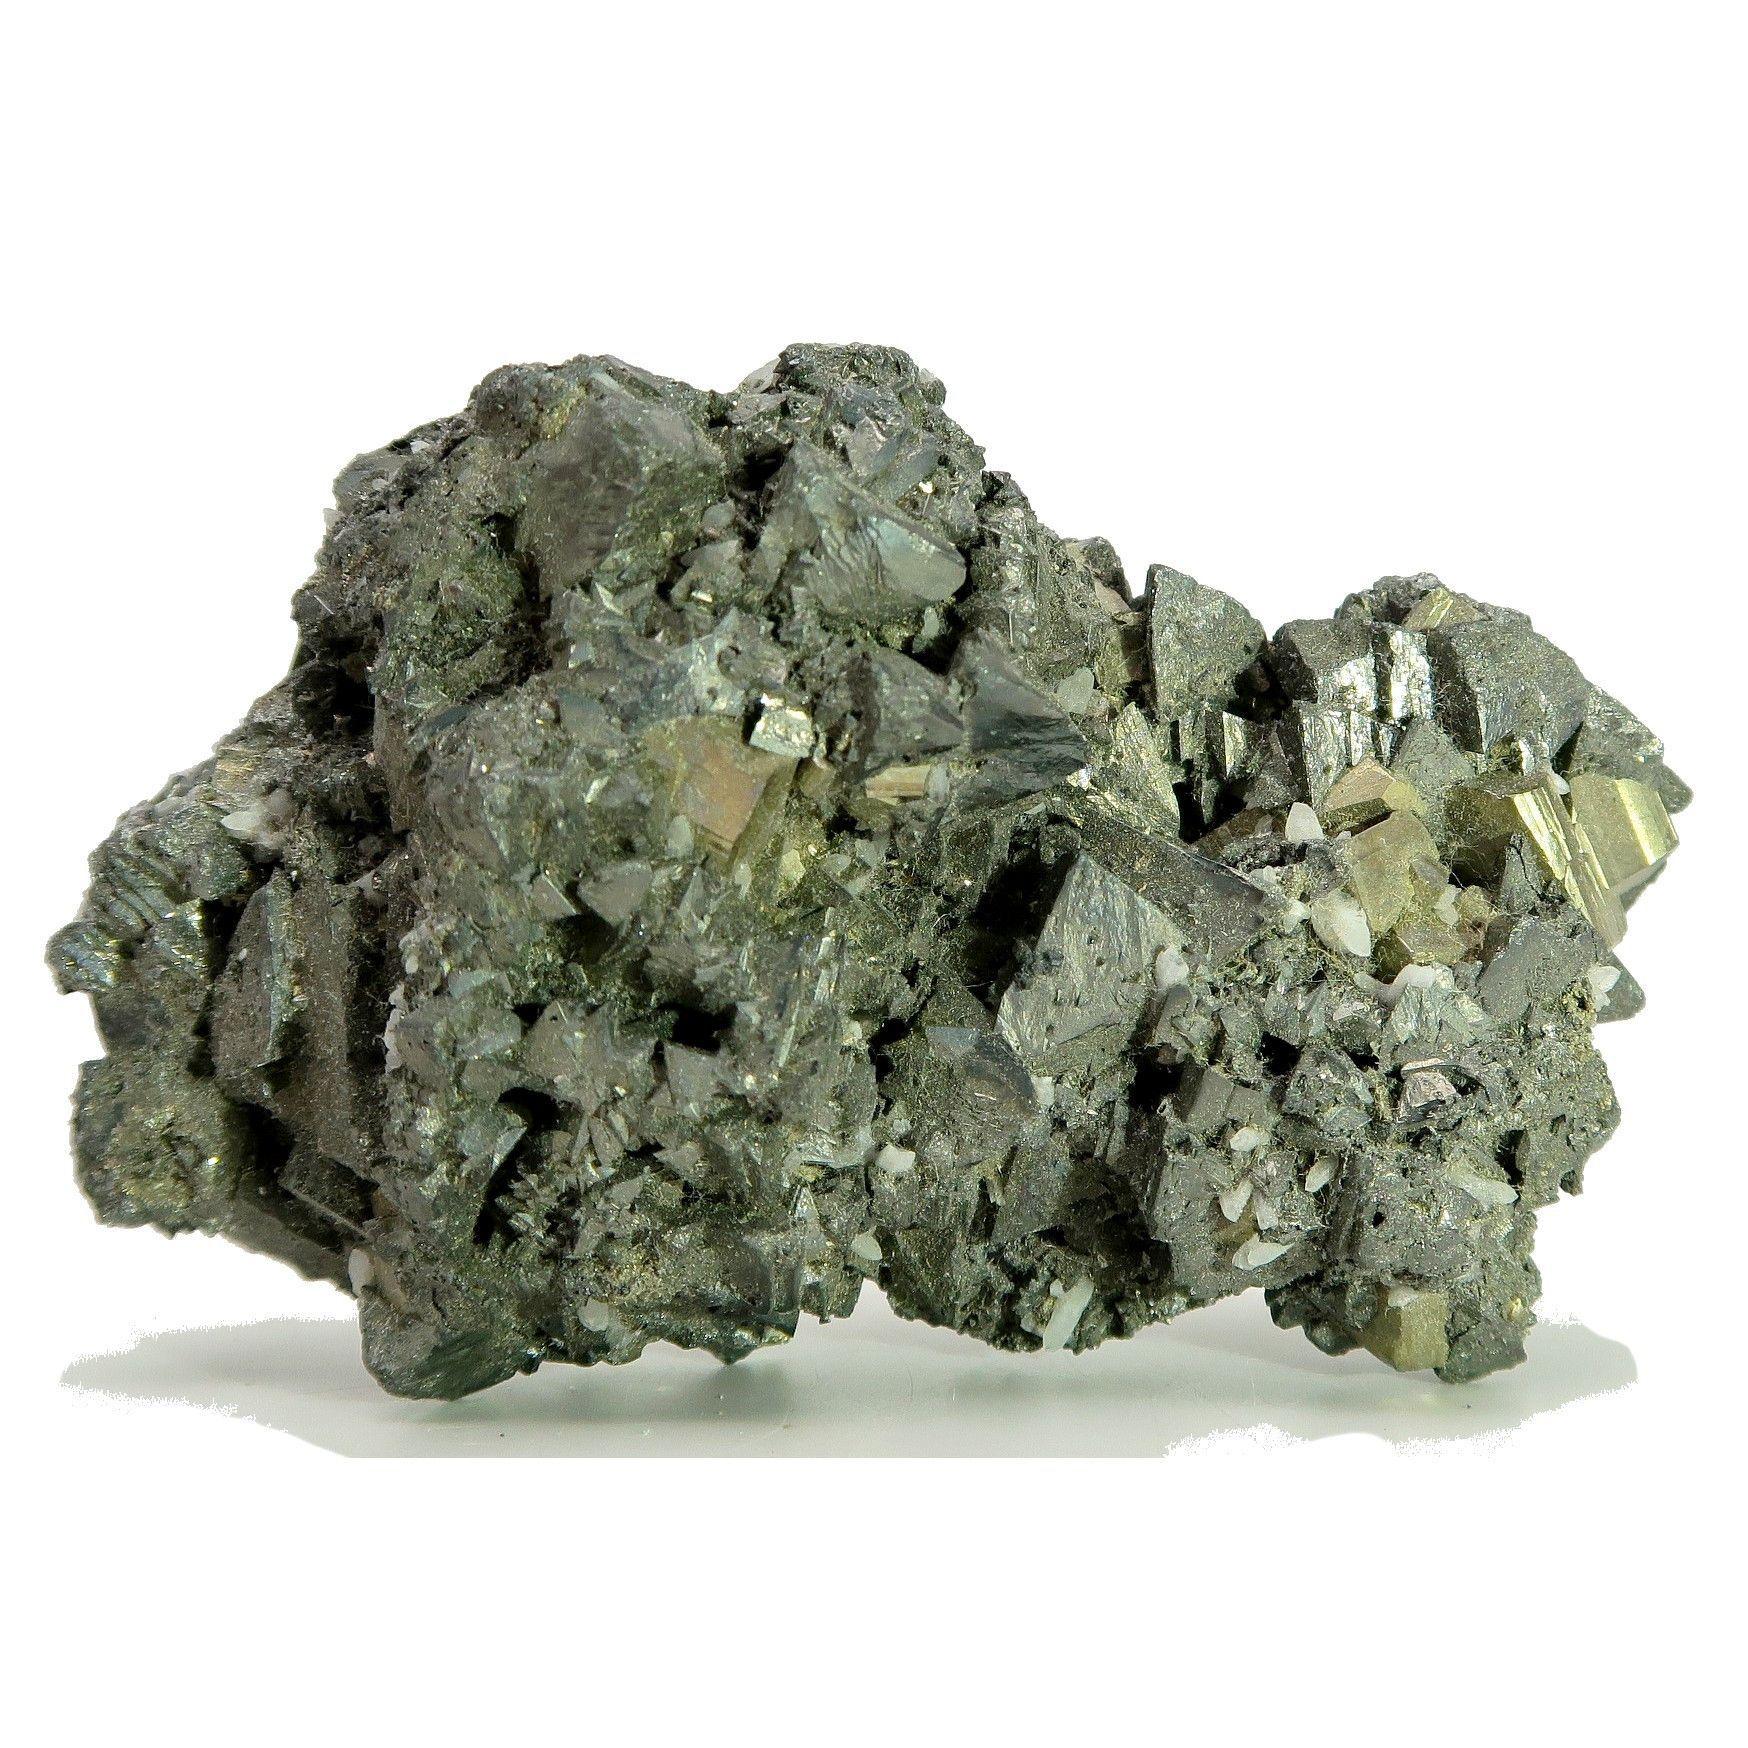 Pyrite Mineral 04 Tetrahedral Quartz Fools Gold Cluster Specimen Rough